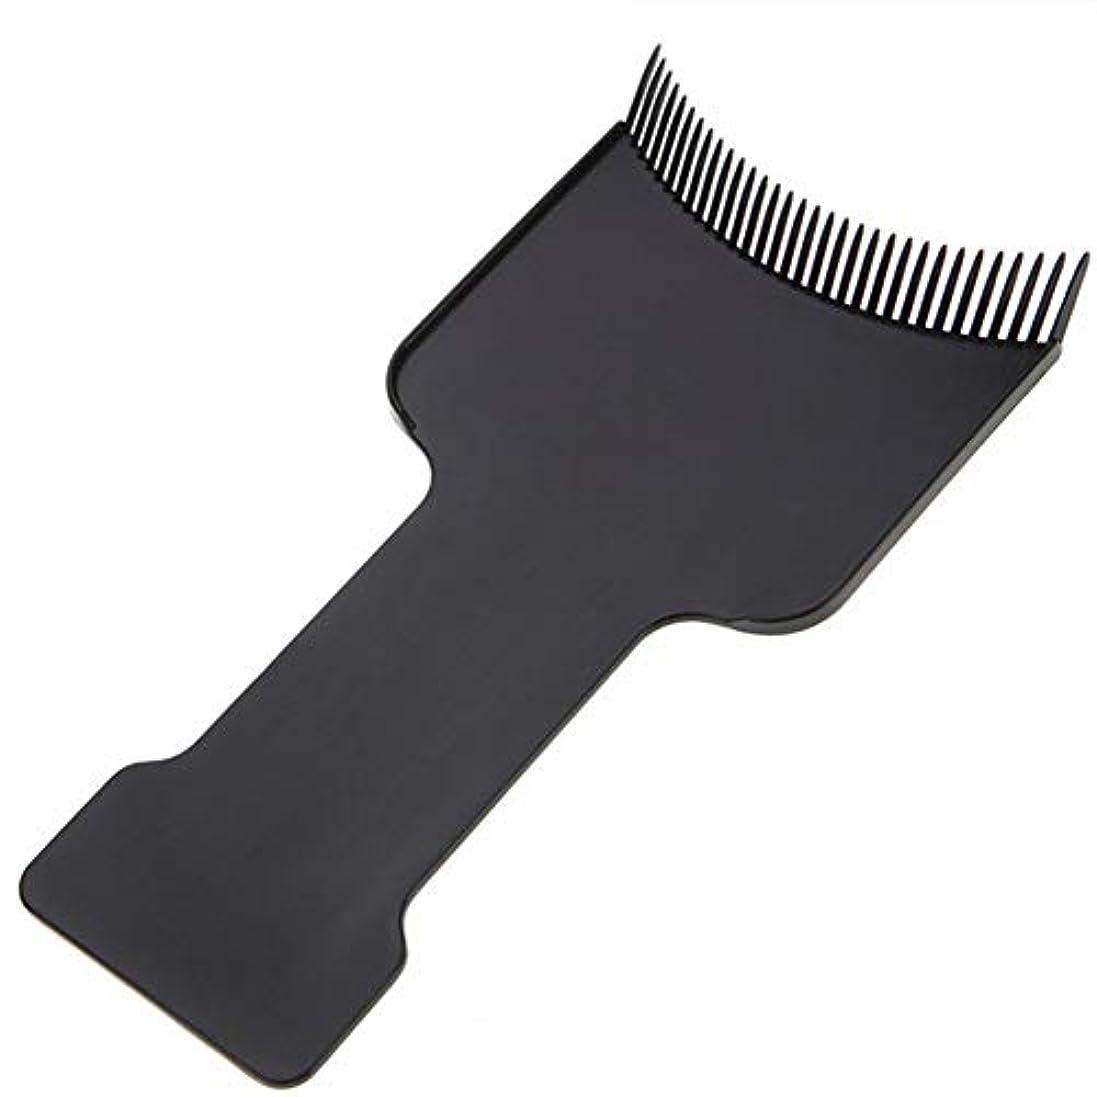 不一致ご近所グリットAIMERKUP 理髪サロンヘアカラーリング染色ボードヘアトリートメントケアピックカラーボードくし理髪ツール frugal friendly